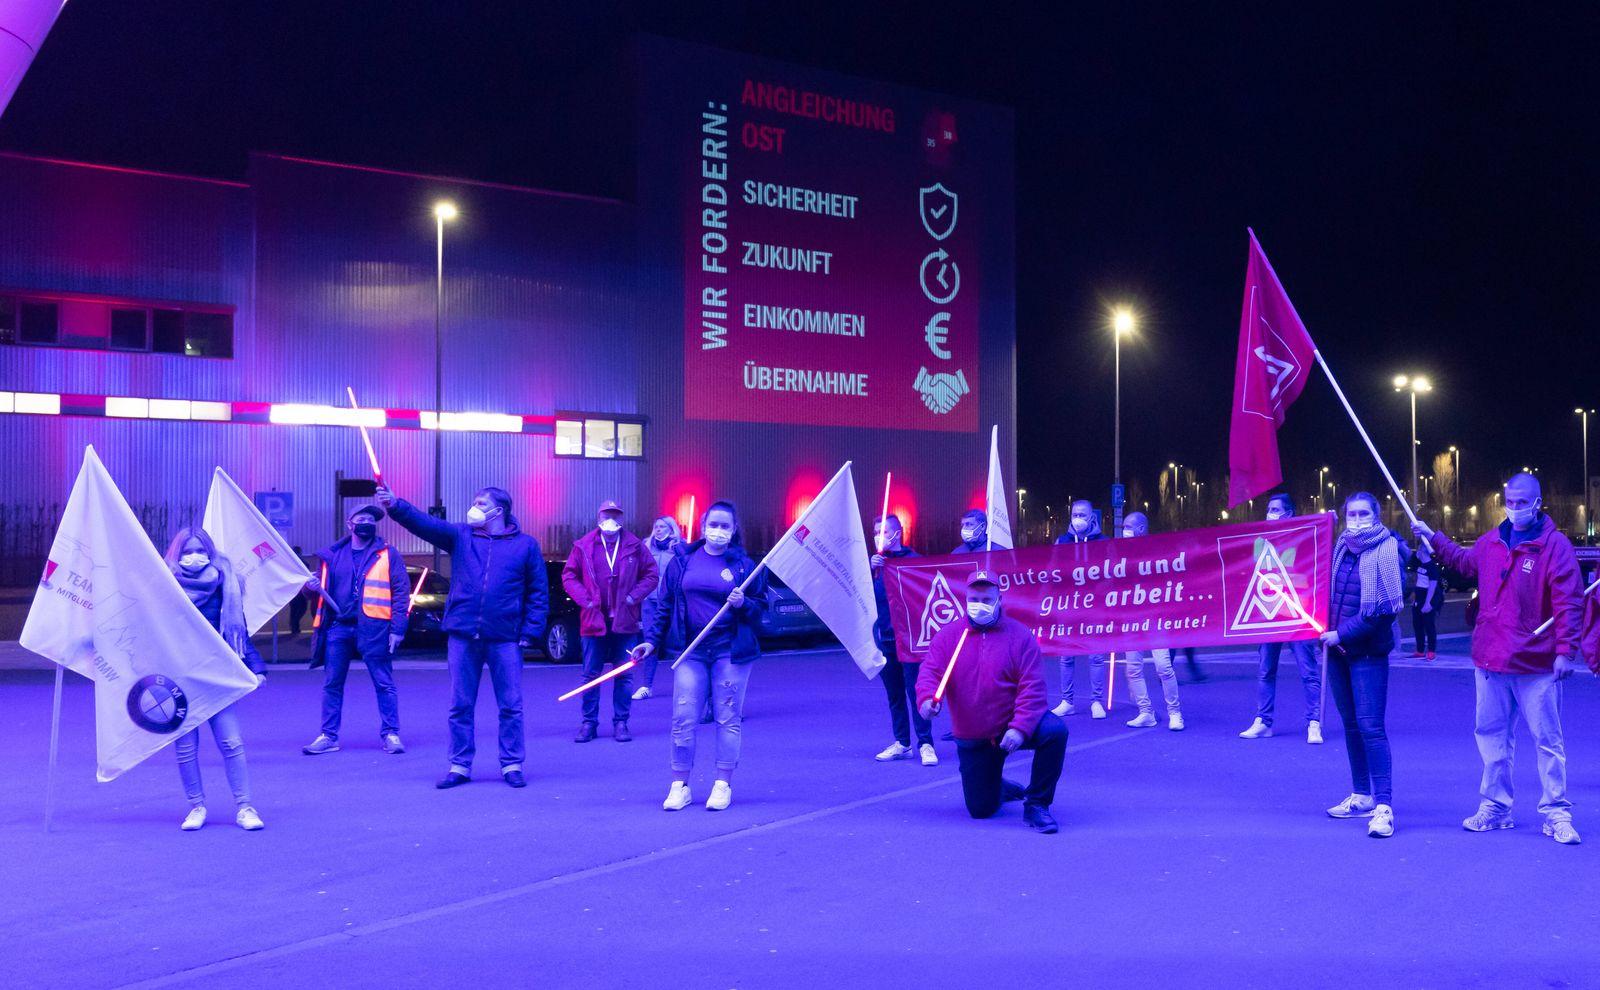 Warnstreik bei BMW Group Werk Leipzig Zum Schichtende stehen Gewerkschafter der IG Metall zum Warnstreik mit Fahnen und